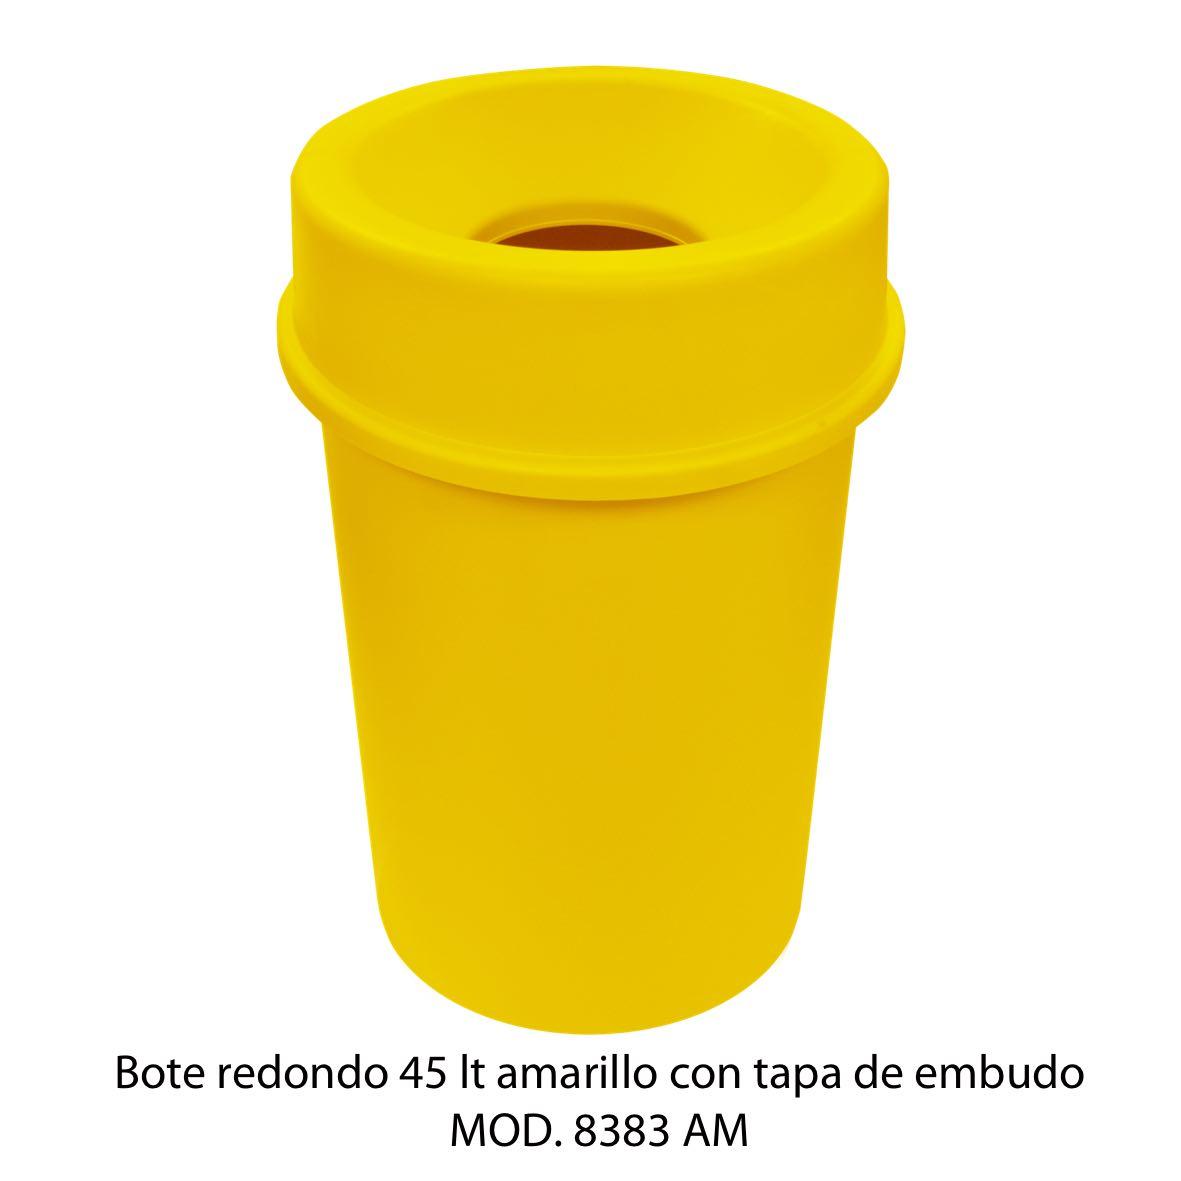 Bote de basura redondo 45 litros con tapa de embudo color amarillo modelo 8383 AM Sablón